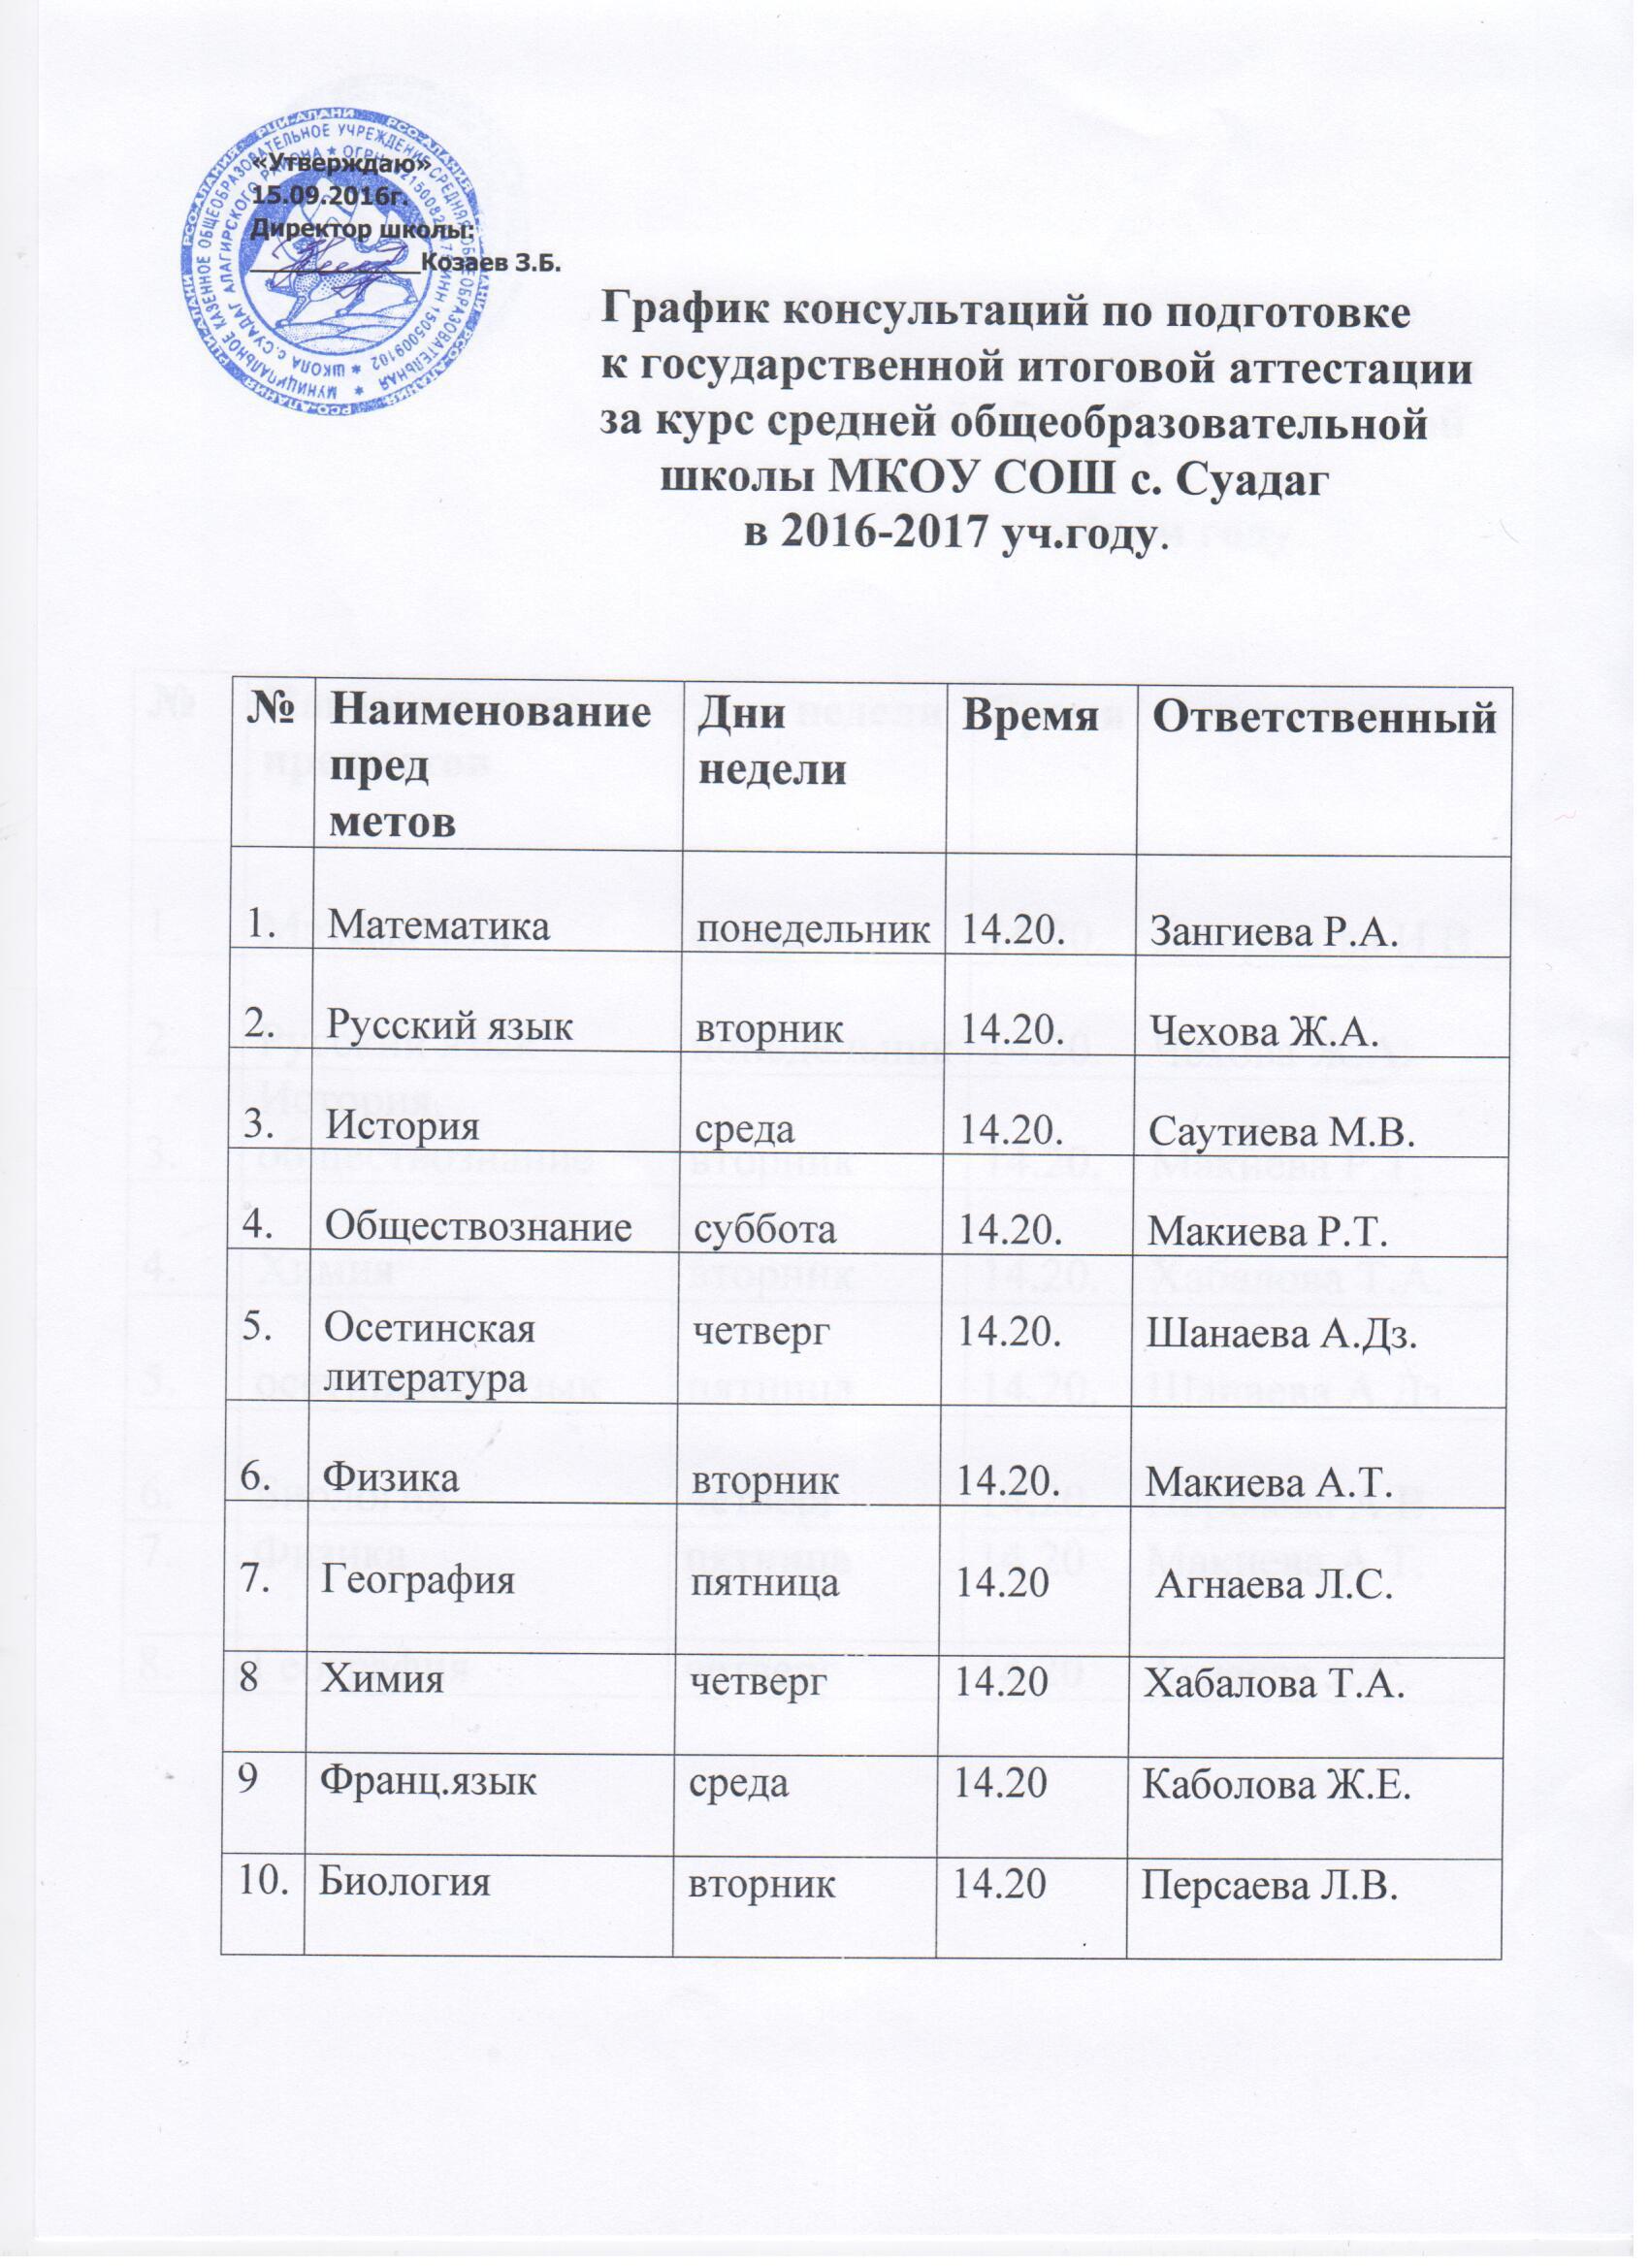 9 класс бланк протокола экзамена